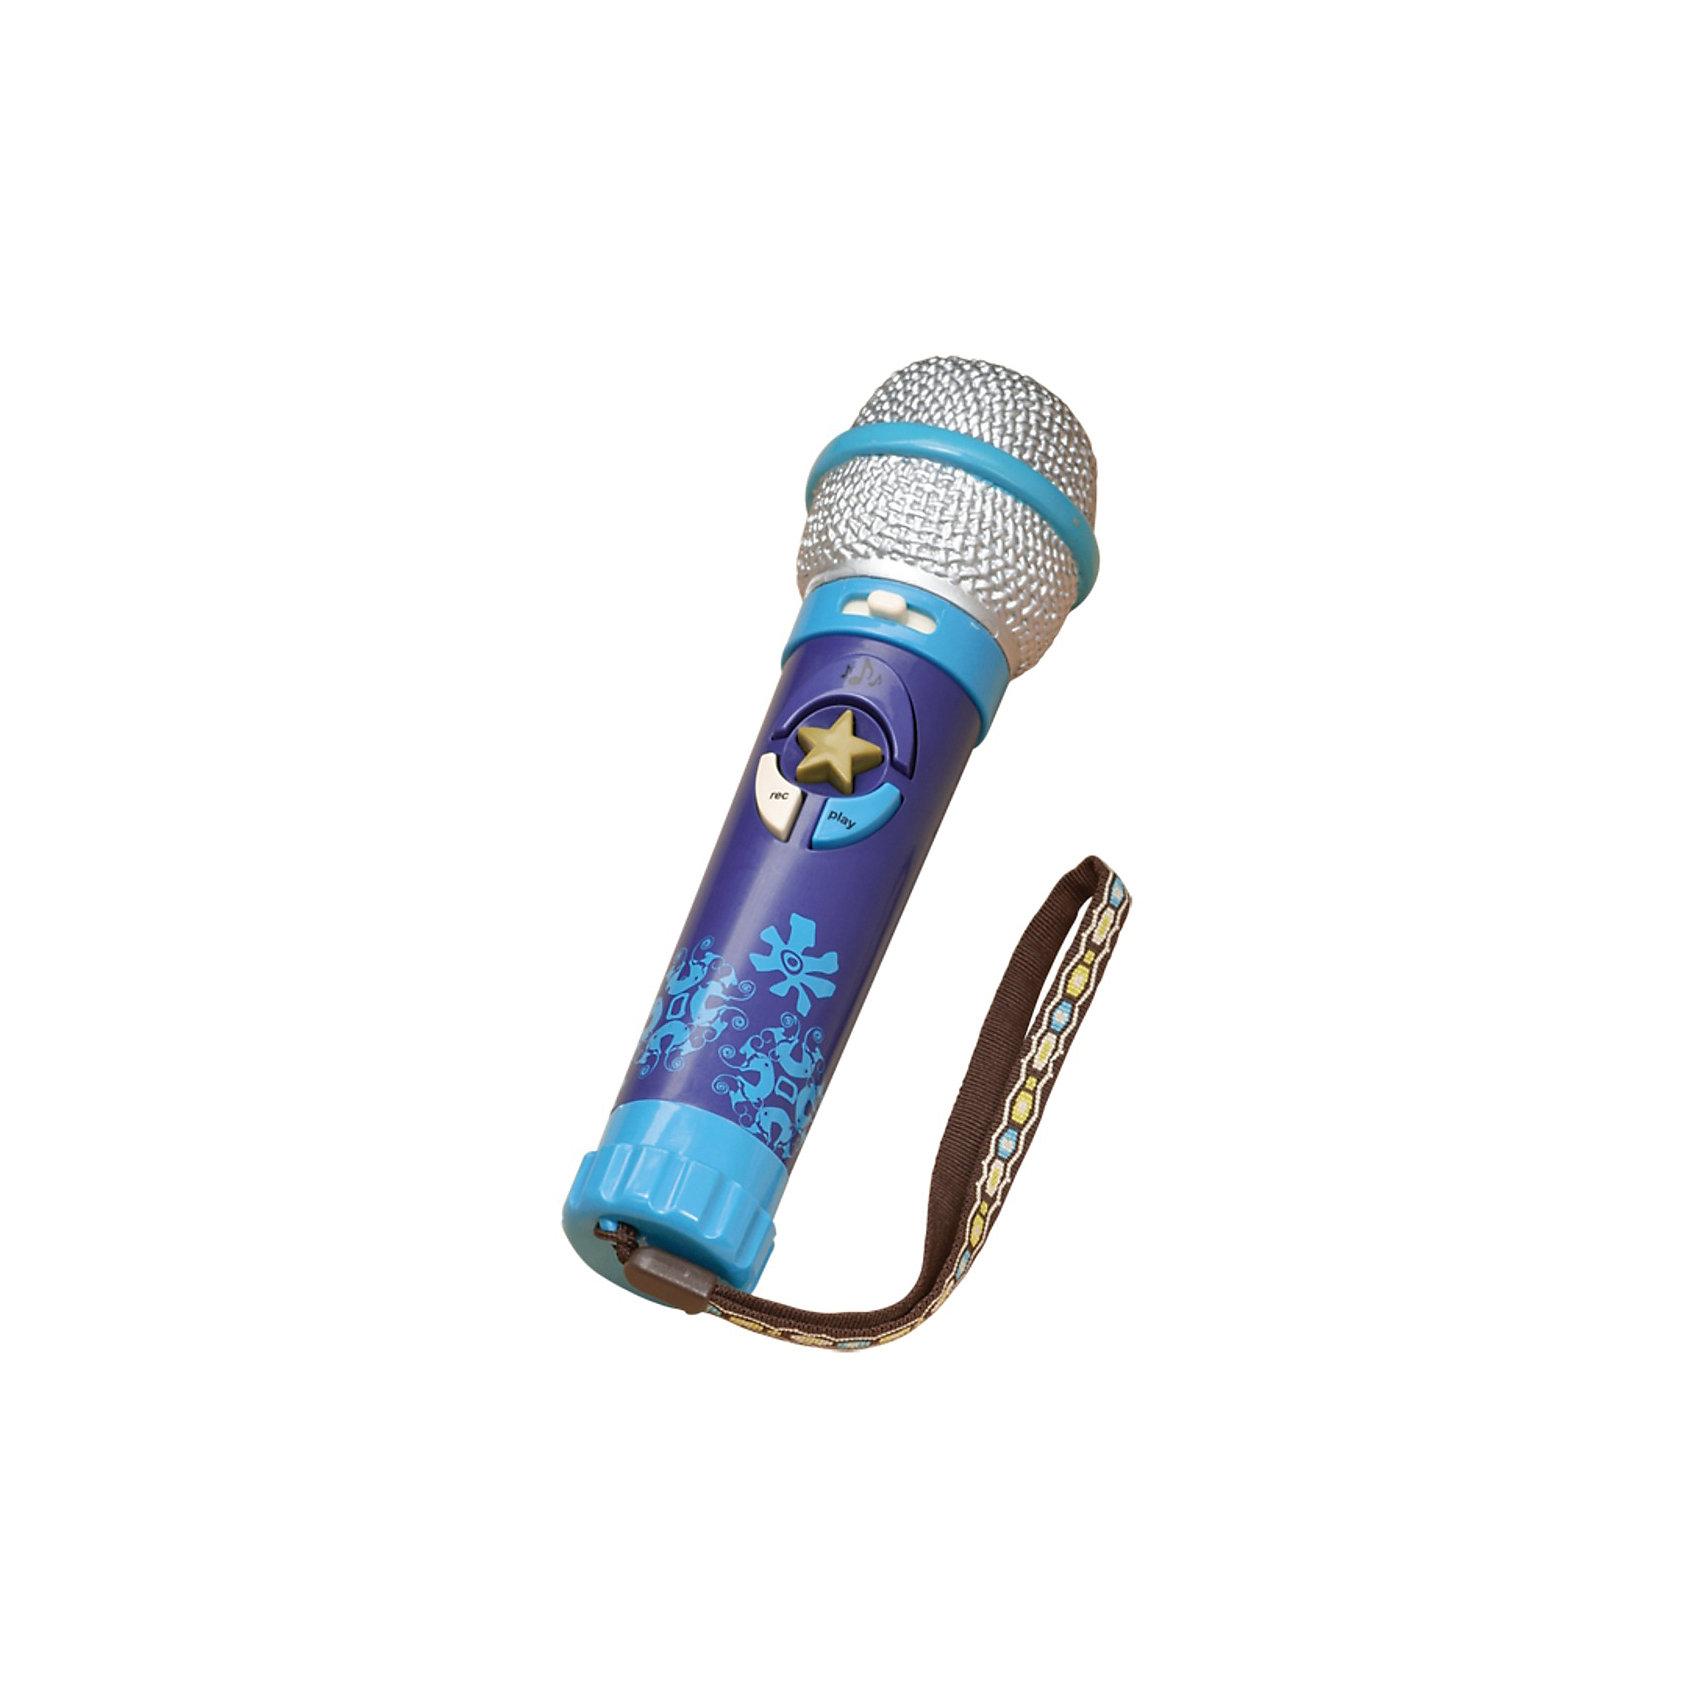 Микрофон записывающий, B DOTМузыкальные инструменты и игрушки<br>Микрофон записывающий, B DOT (Би Дот) – игрушка из серии музыкальных инструментов от канадской компании Battat. Торговый бренд B DOT  (Би Дот) – это новое поколение игрушек, отличающихся своей многофункциональностью и экологически безопасными материалами. <br>Микрофон записывающий, B DOT (Би Дот) предназначена для детей от 2 лет. Микрофон обладает расширенным набором функций: в нем имеется 8 мелодий, позволяет записывать песни или речевые сообщения. В микрофоне предусмотрена возможность регулировки звука и темпа воспроизведения мелодии. Микрофон выполнен из экологически безопасных материалов. Игрушка упакована в картонную коробку, которая трансформируется в подарочный вариант.<br>Микрофон записывающий, B DOT (Би Дот) способствует музыкальному развитию ребенка.<br> <br>Дополнительная информация:<br><br>- Вид игр: музыкальные, сюжетно-ролевые<br>- Предназначение: для дома<br>- Материал: пластик, текстиль<br>- Комплектация: микрофон, батарейки<br>- Вес: 350 г<br>- Размер всей упаковки (Д*Ш*В): 15*6*21 см<br>- Батарейки: 3 шт. ААА<br>- Пол: для девочек/для мальчиков<br>- Особенности ухода: разрешается протирать сухой губкой<br><br>Подробнее:<br><br>• Для детей в возрасте: от 2 лет<br>• Страна производитель: Китай<br>• Торговый бренд: B DOT<br><br>Микрофон записывающий, B DOT (Би Дот), цвета в ассортименте можно купить в нашем интернет-магазине.<br><br>Ширина мм: 15<br>Глубина мм: 21<br>Высота мм: 6<br>Вес г: 351<br>Возраст от месяцев: 24<br>Возраст до месяцев: 2147483647<br>Пол: Унисекс<br>Возраст: Детский<br>SKU: 4871803